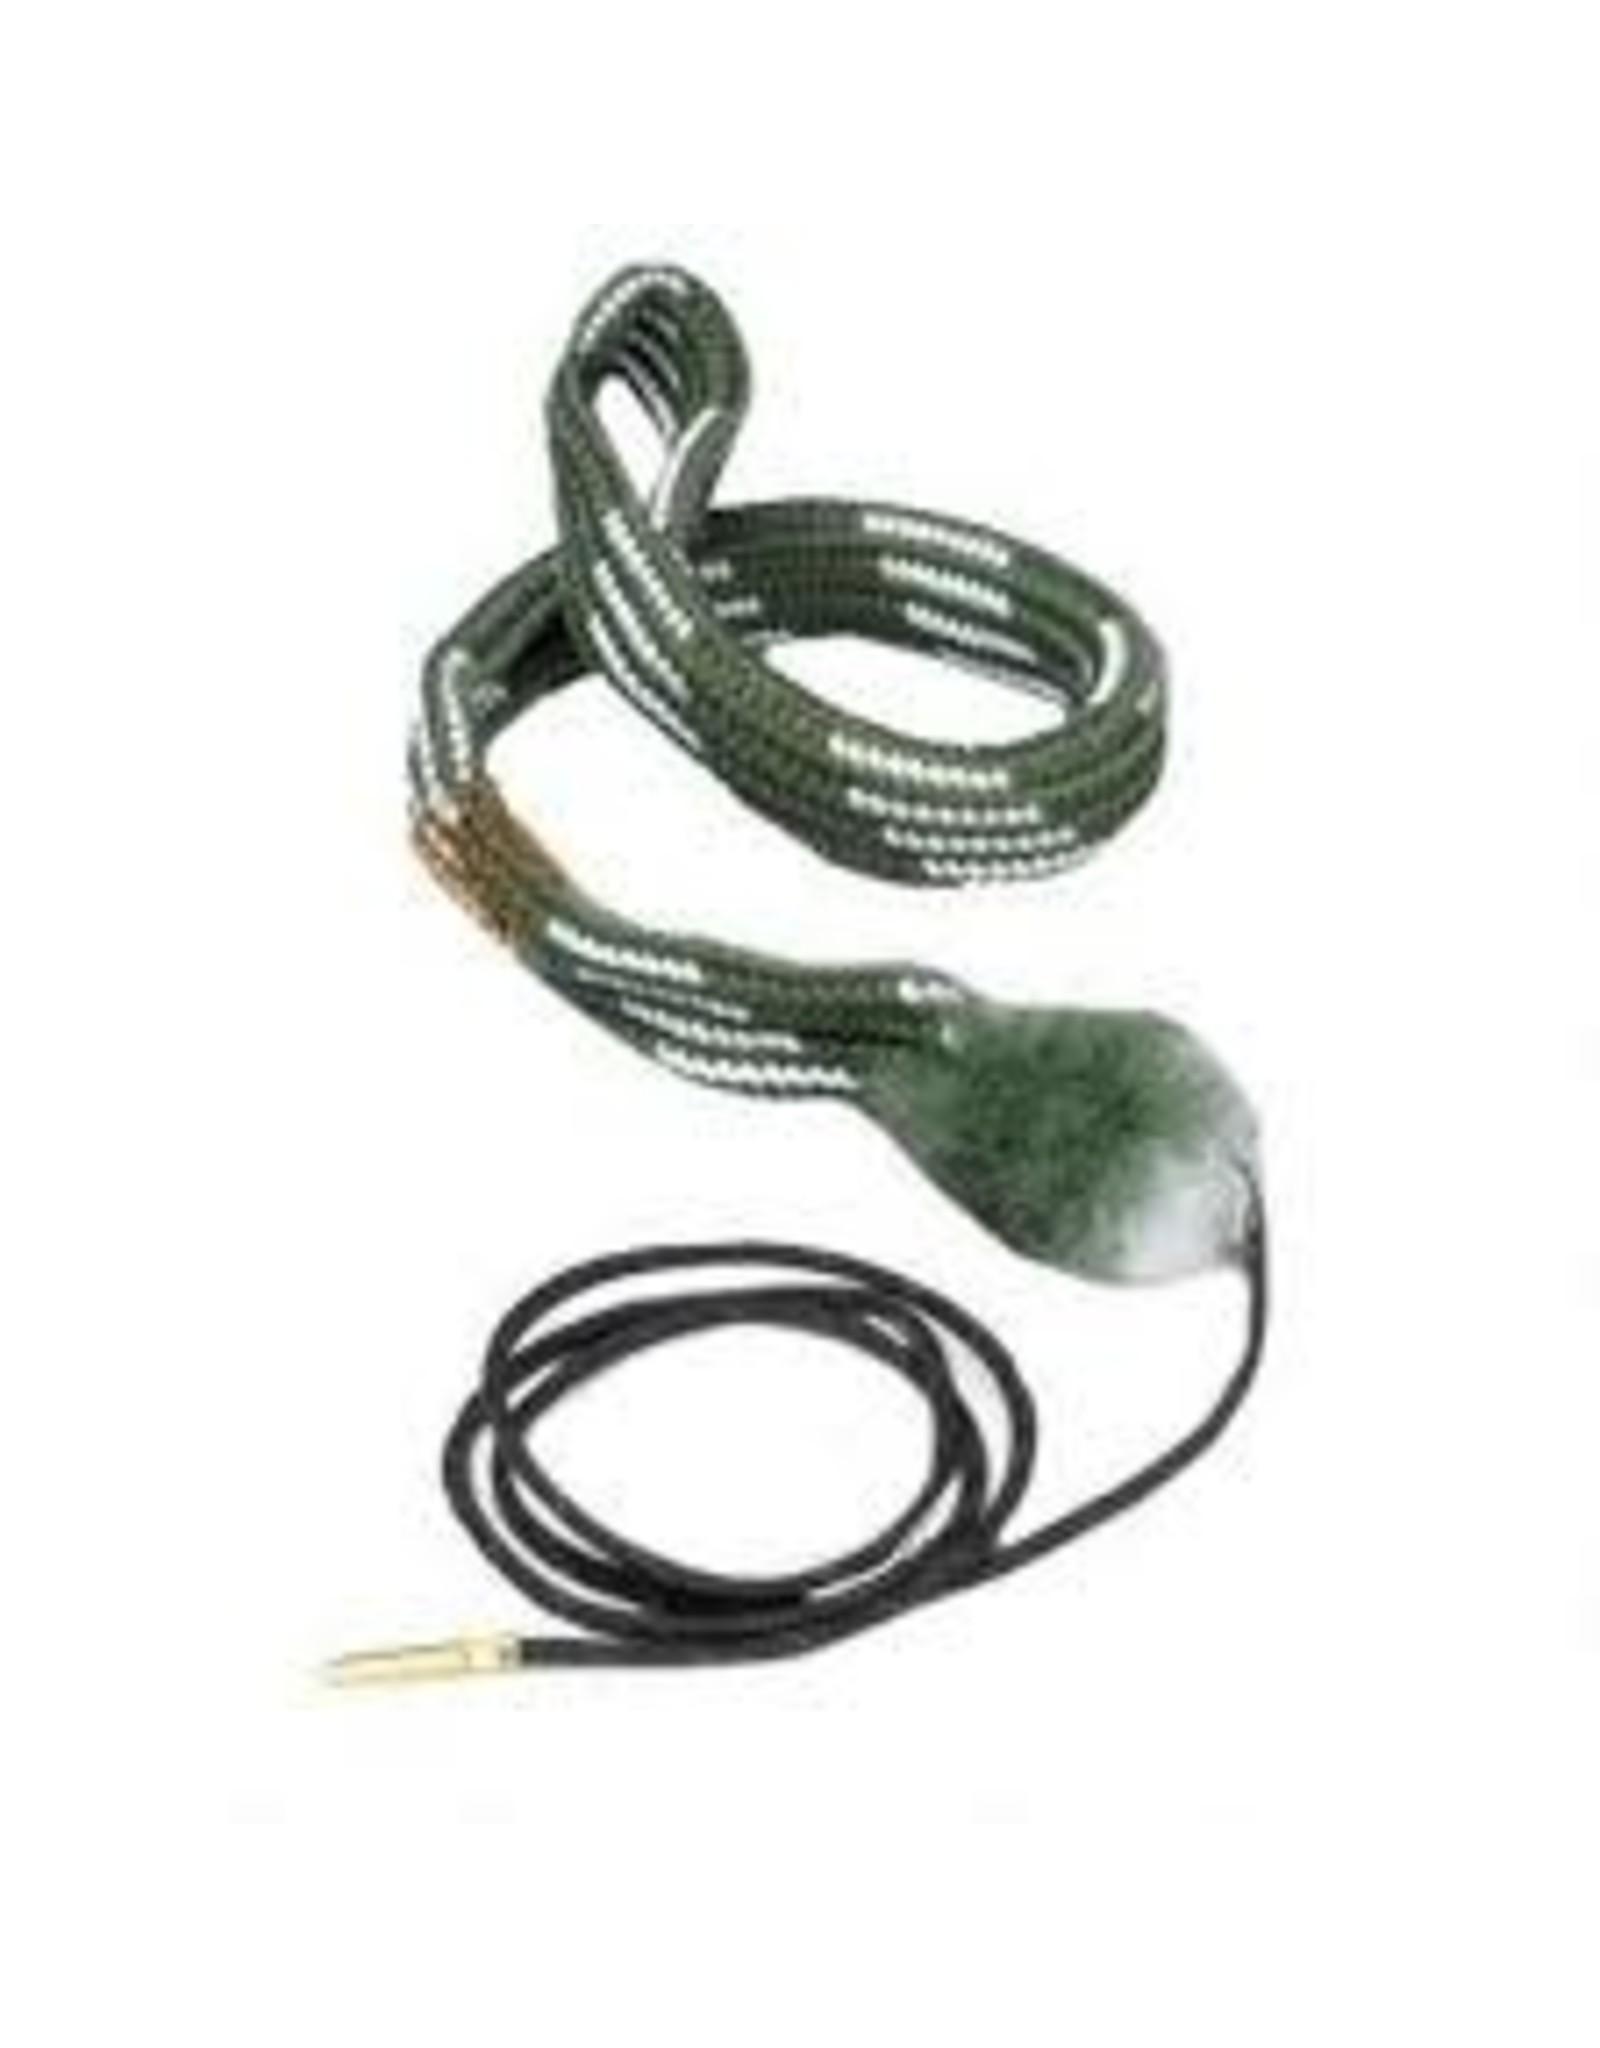 HOPPE'S Hoppe's Bore Snake 16 GA